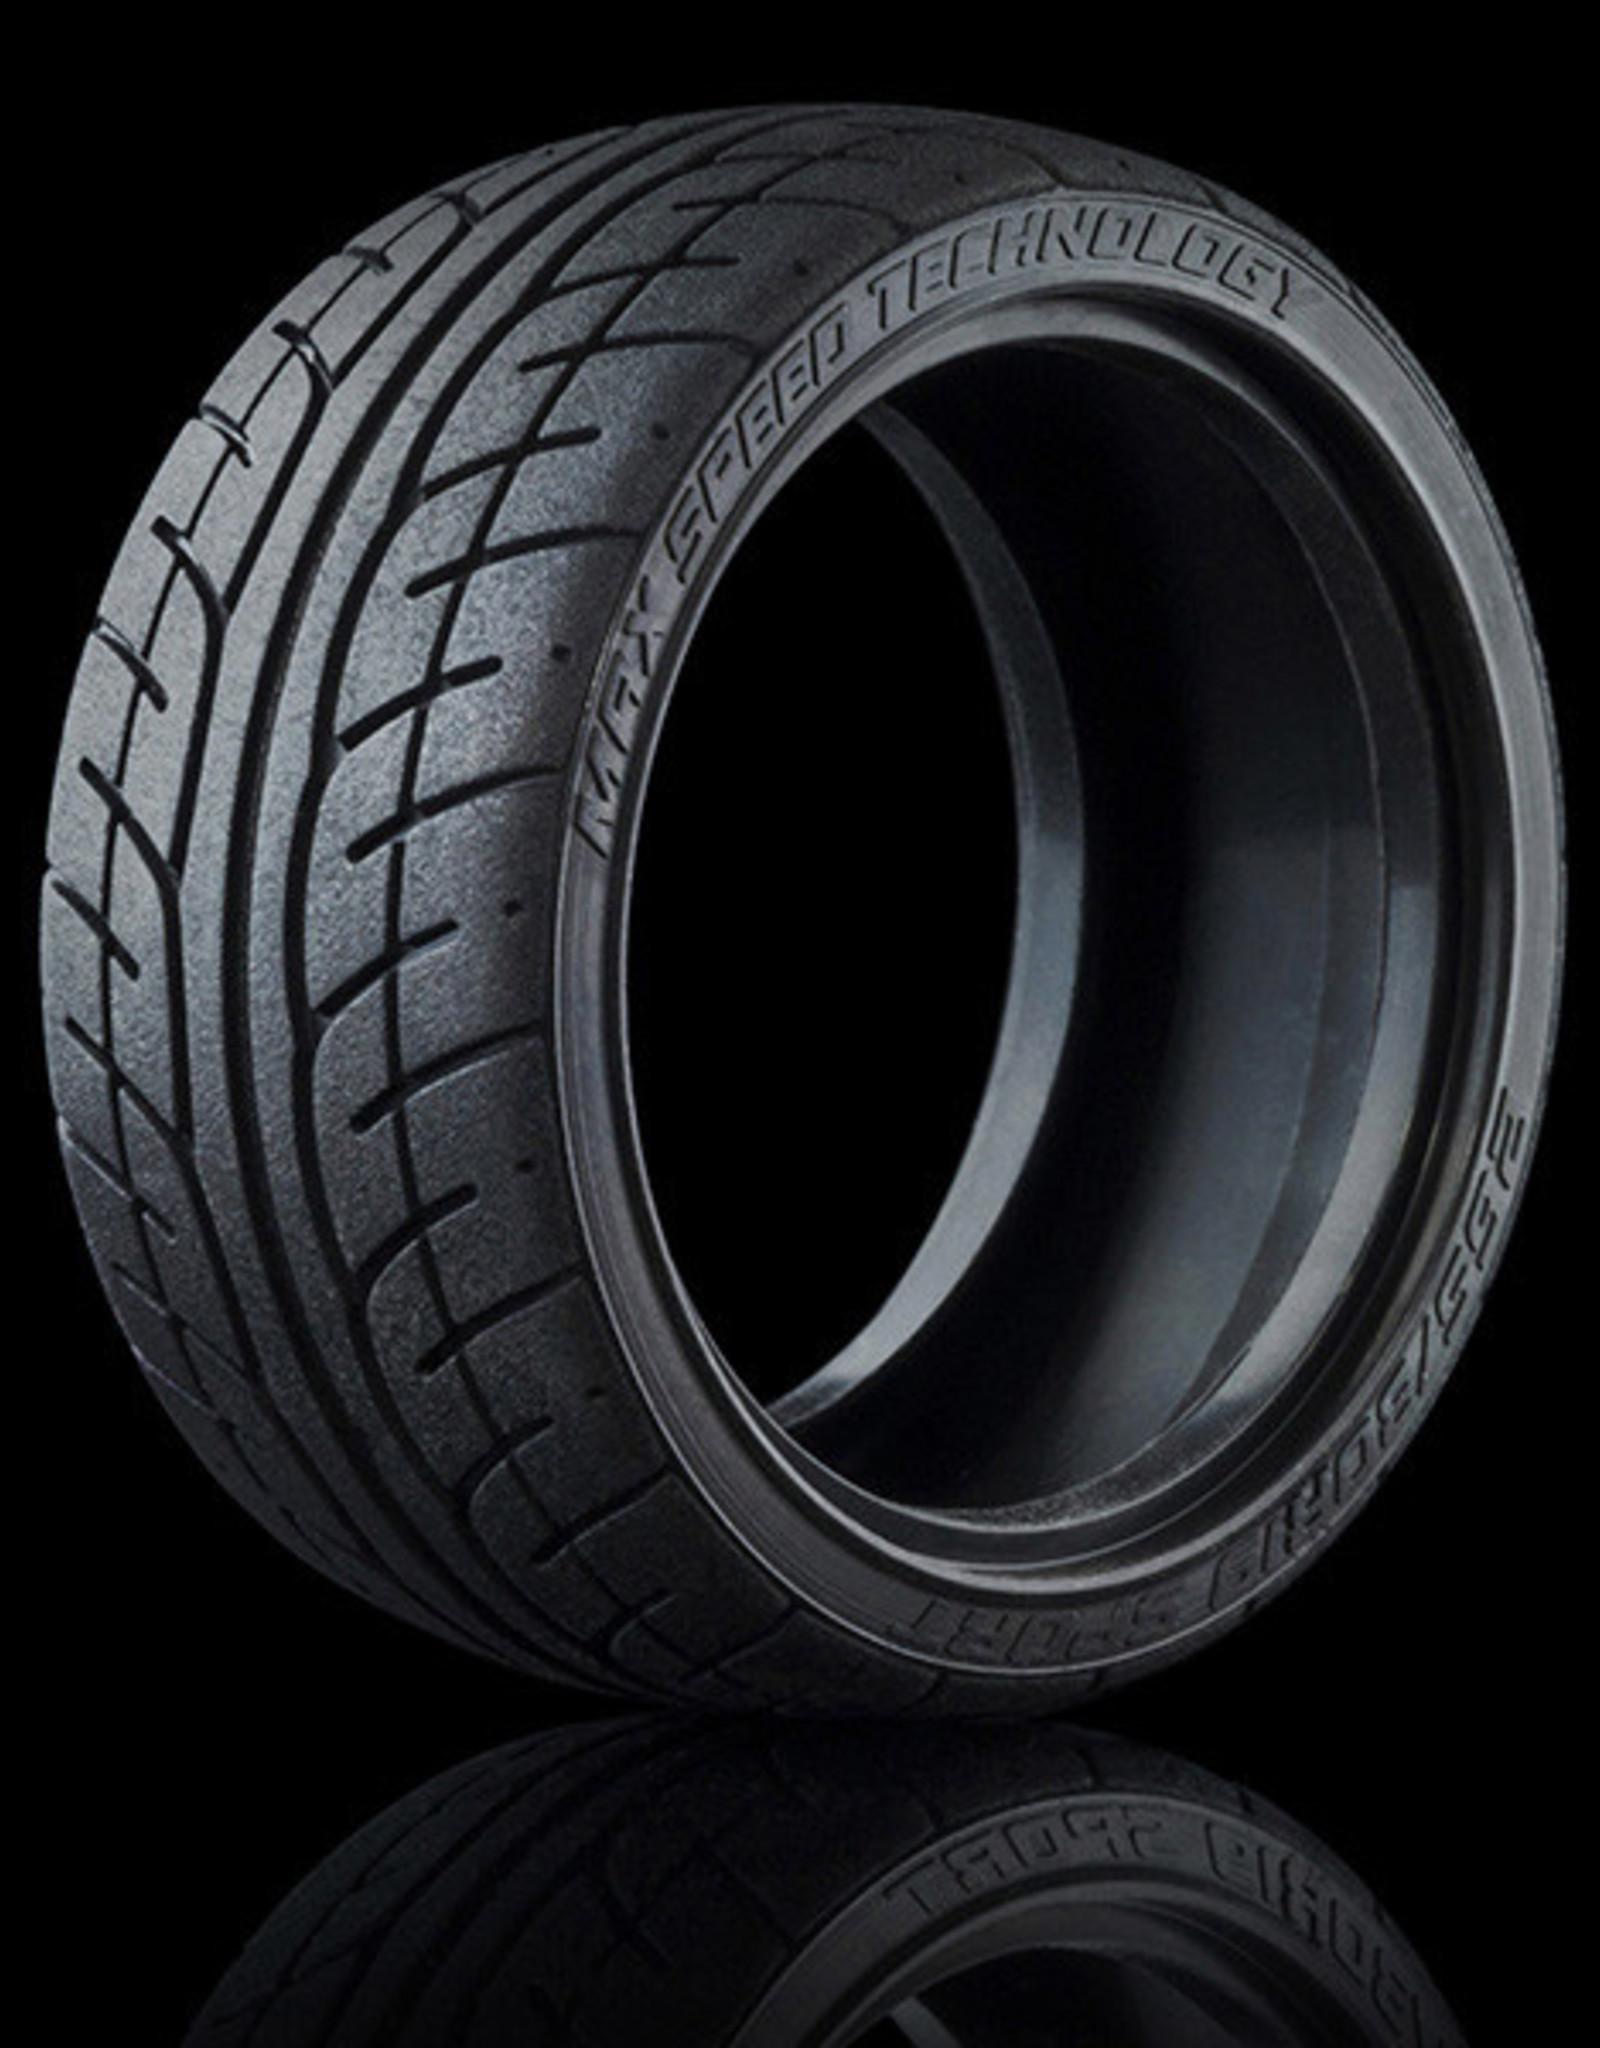 MST MXSPD101032 AD Realistic tire (IR) (4) 101032